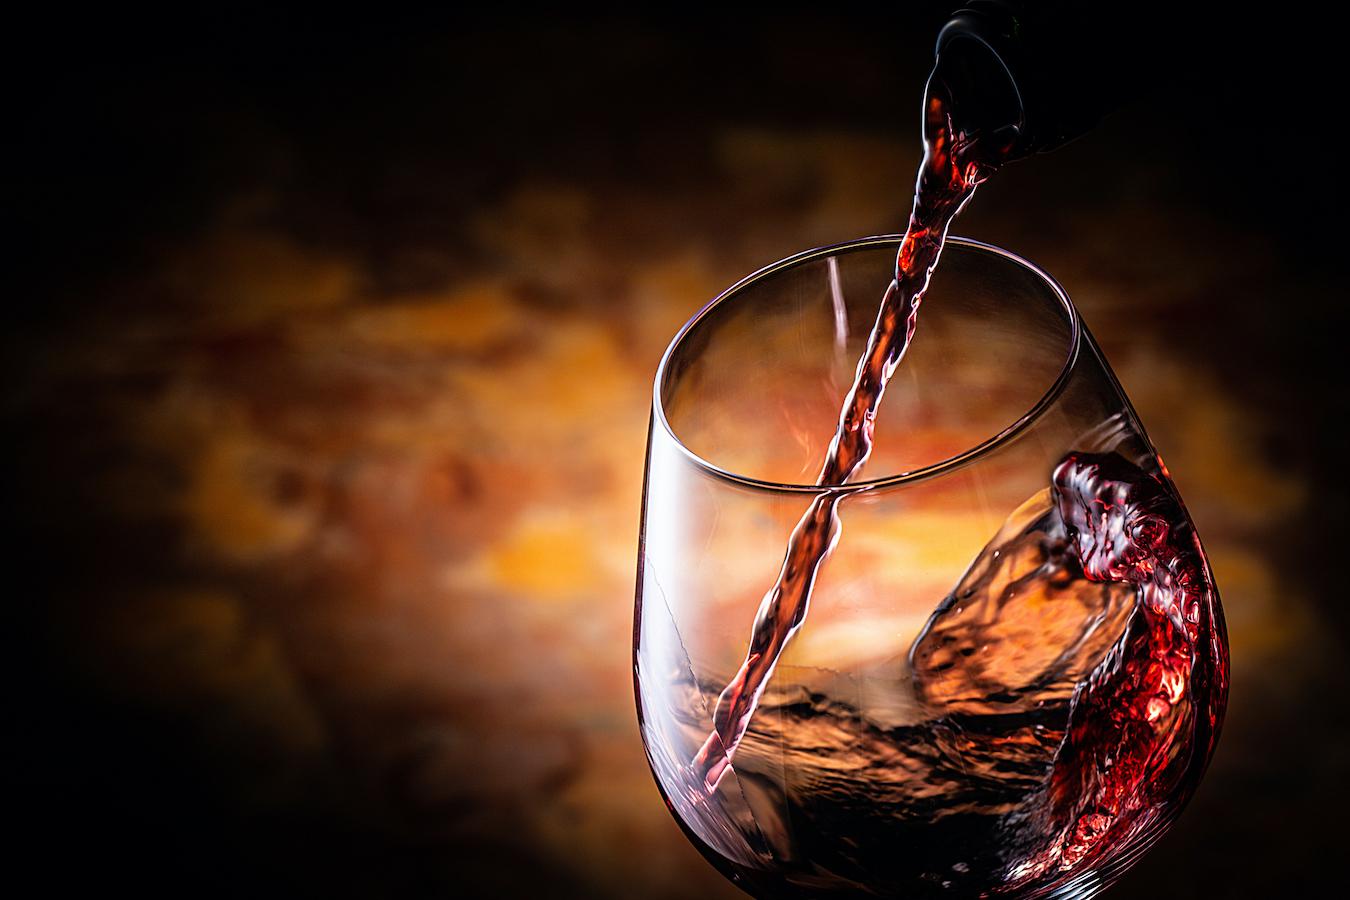 ワインも投資先の一つ